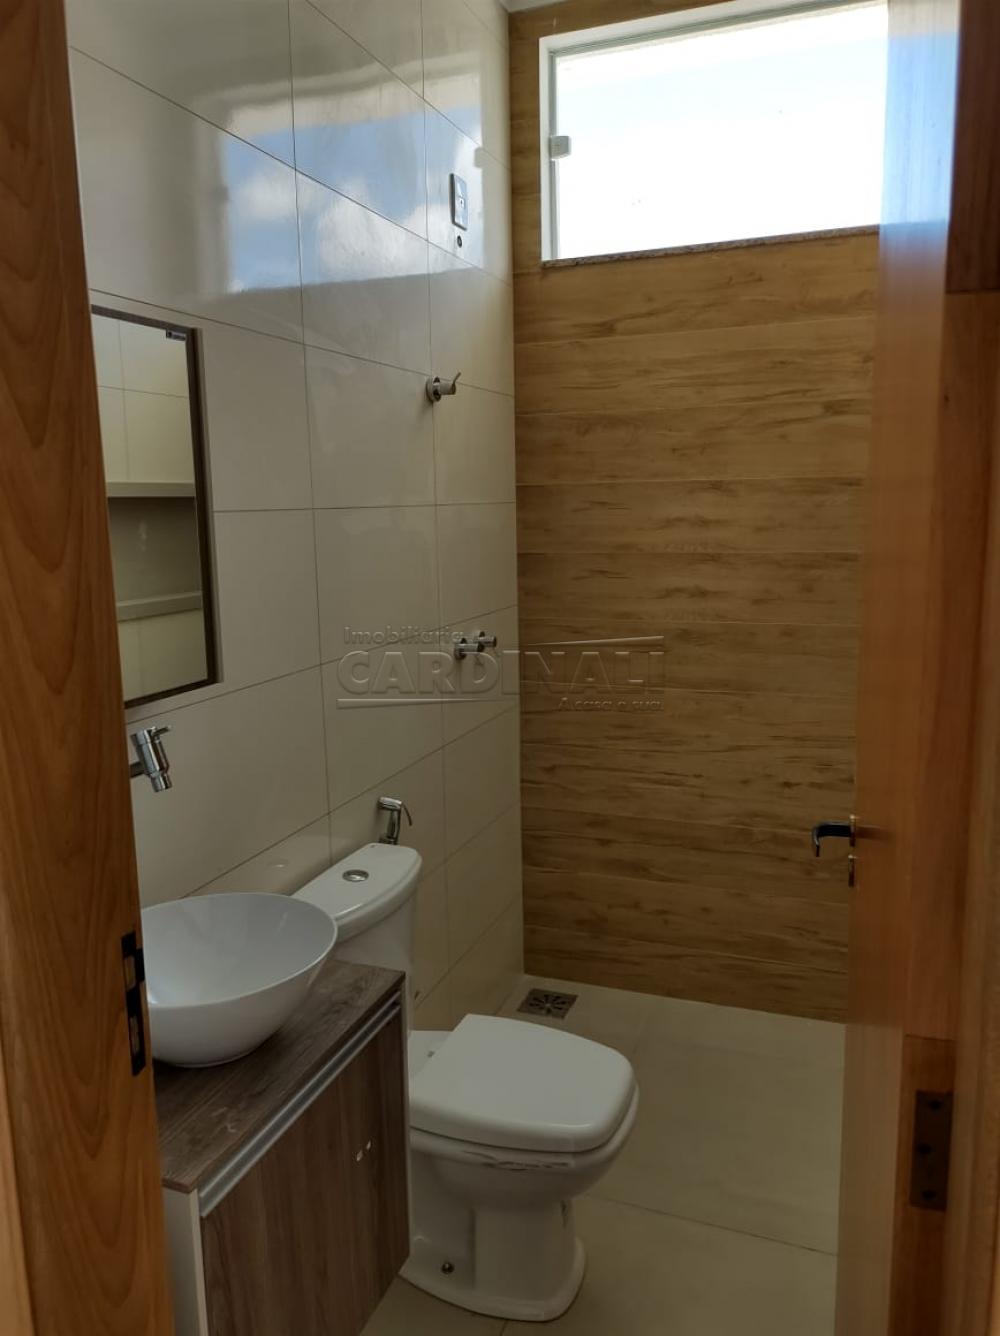 Comprar Casa / Condomínio em Araraquara R$ 480.000,00 - Foto 17